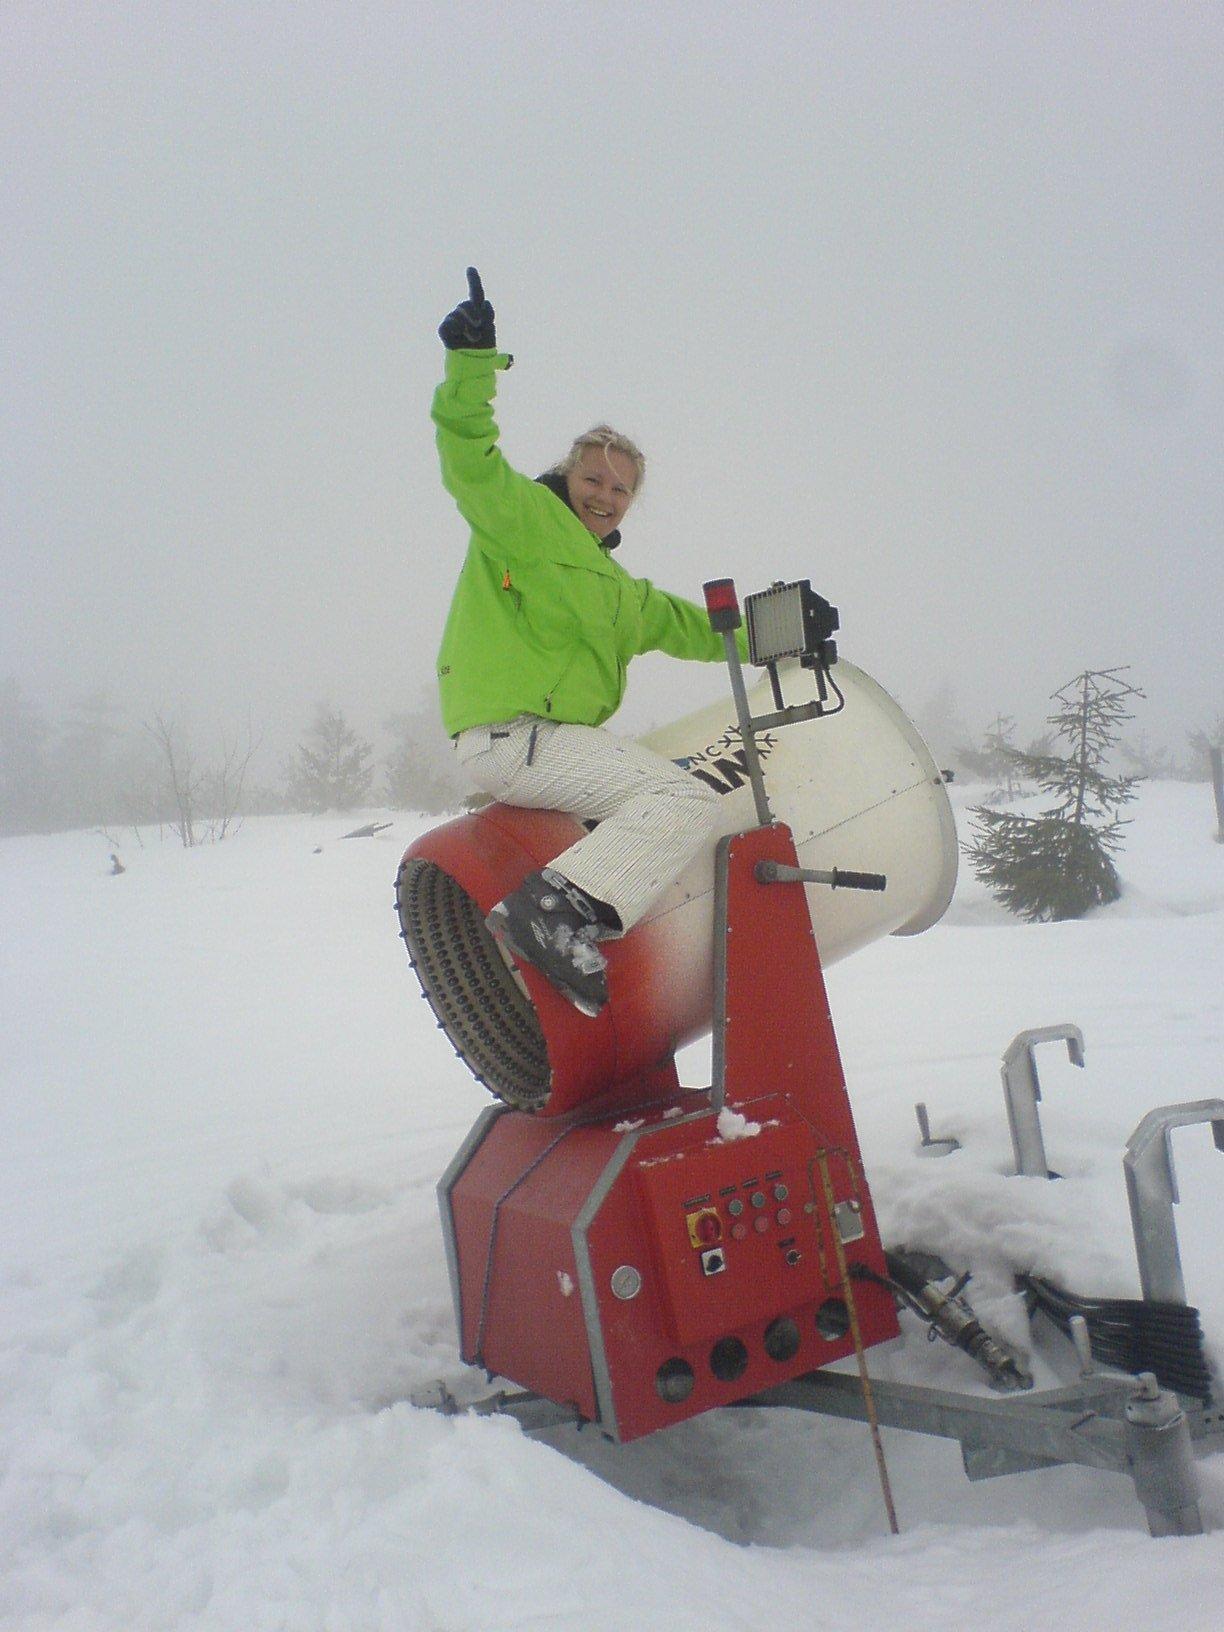 Snowboardstuff